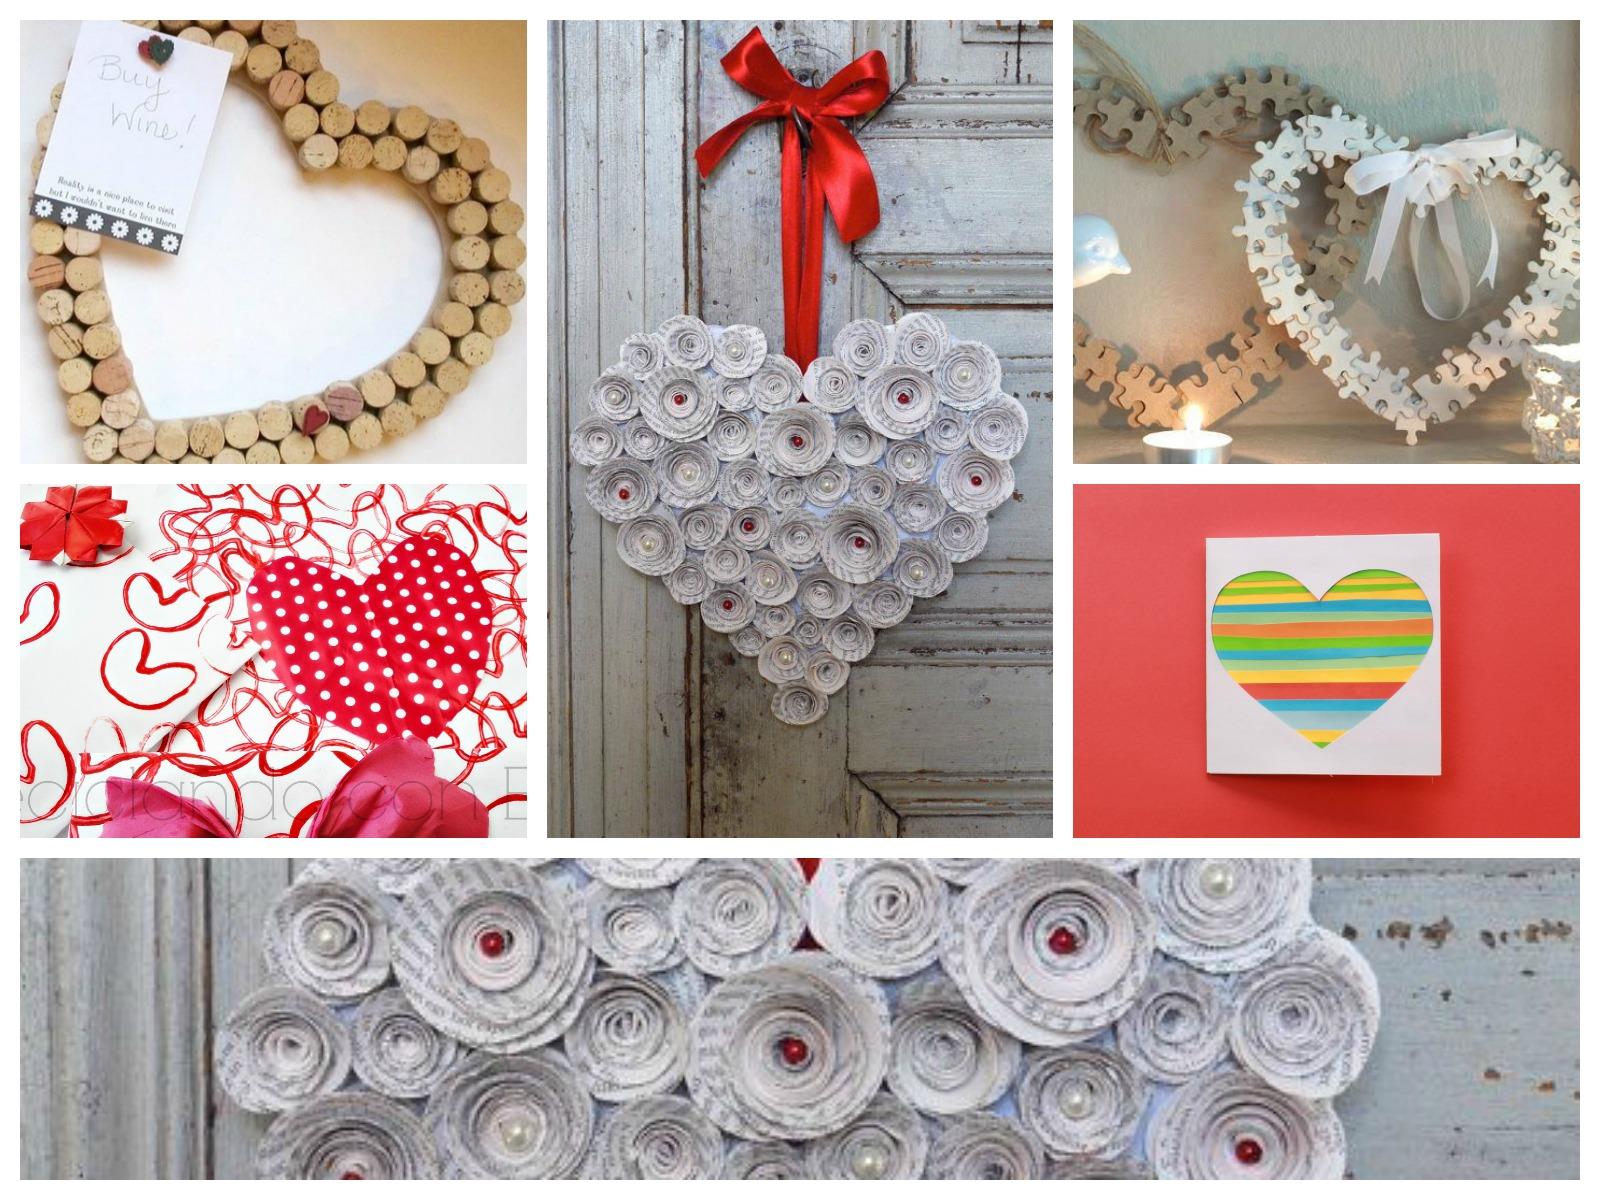 Regalos de san valent n con materiales de reciclaje - Como hacer adornos de san valentin ...